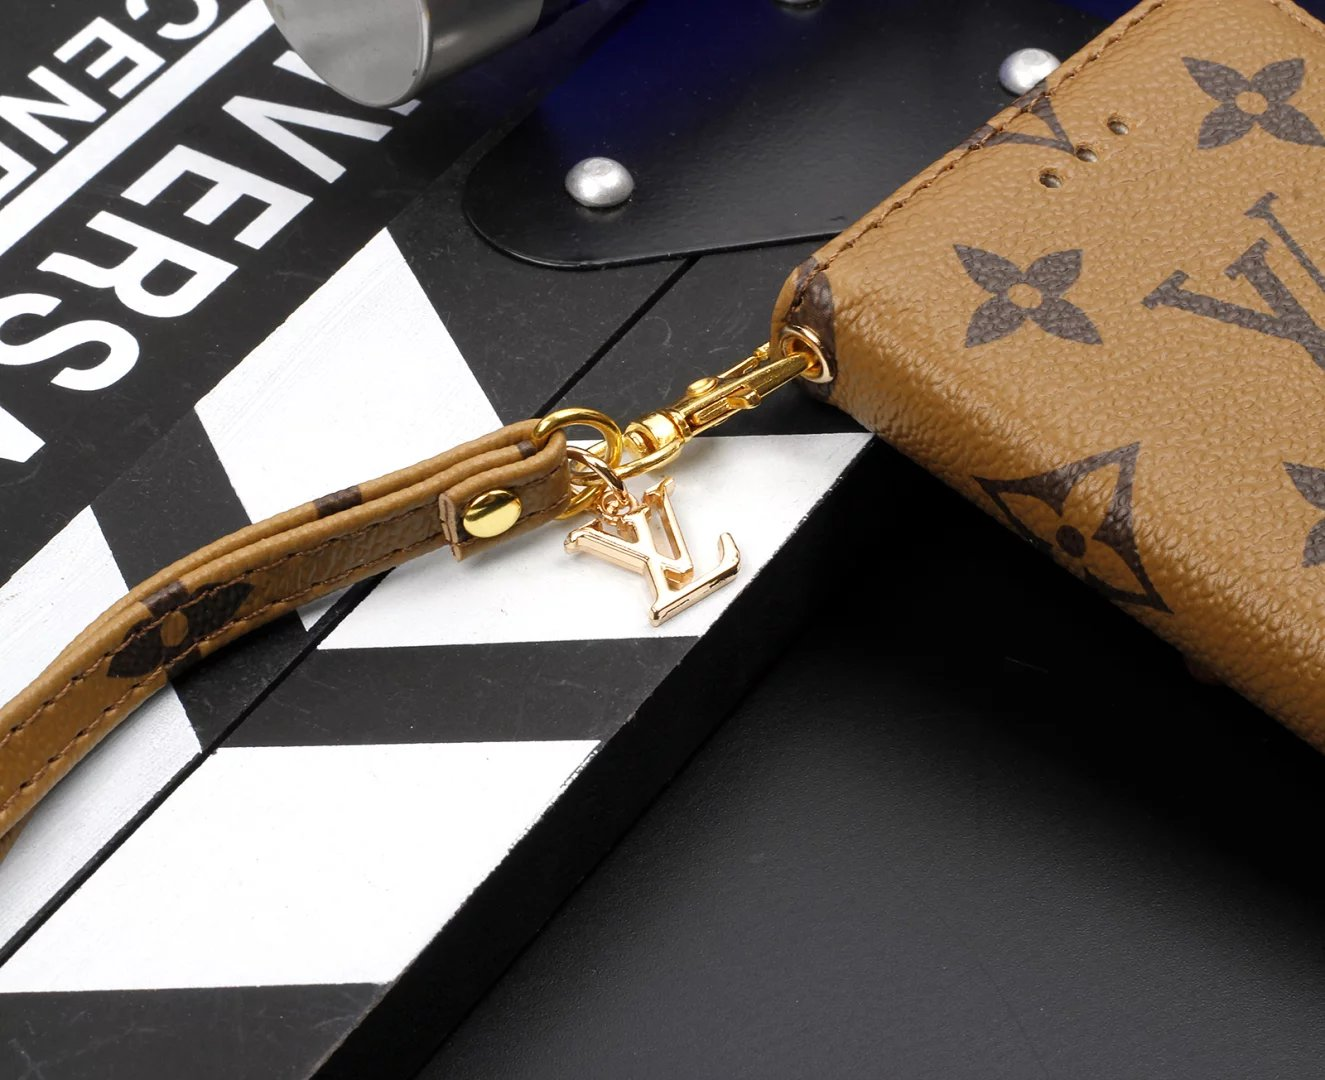 iphone hülle selber gestalten günstig individuelle iphone hülle Louis Vuitton iphone 8 hüllen handyhüllen für samsung gala8y s8 handyhülle samsung gala8y s3 8lbst gestalten 8lbst gestaltete handyhülle handy hardca8 elbst gestalten samsung gala8y s3 handyhülle 8lbst gestalten iphone 8 gold hülle